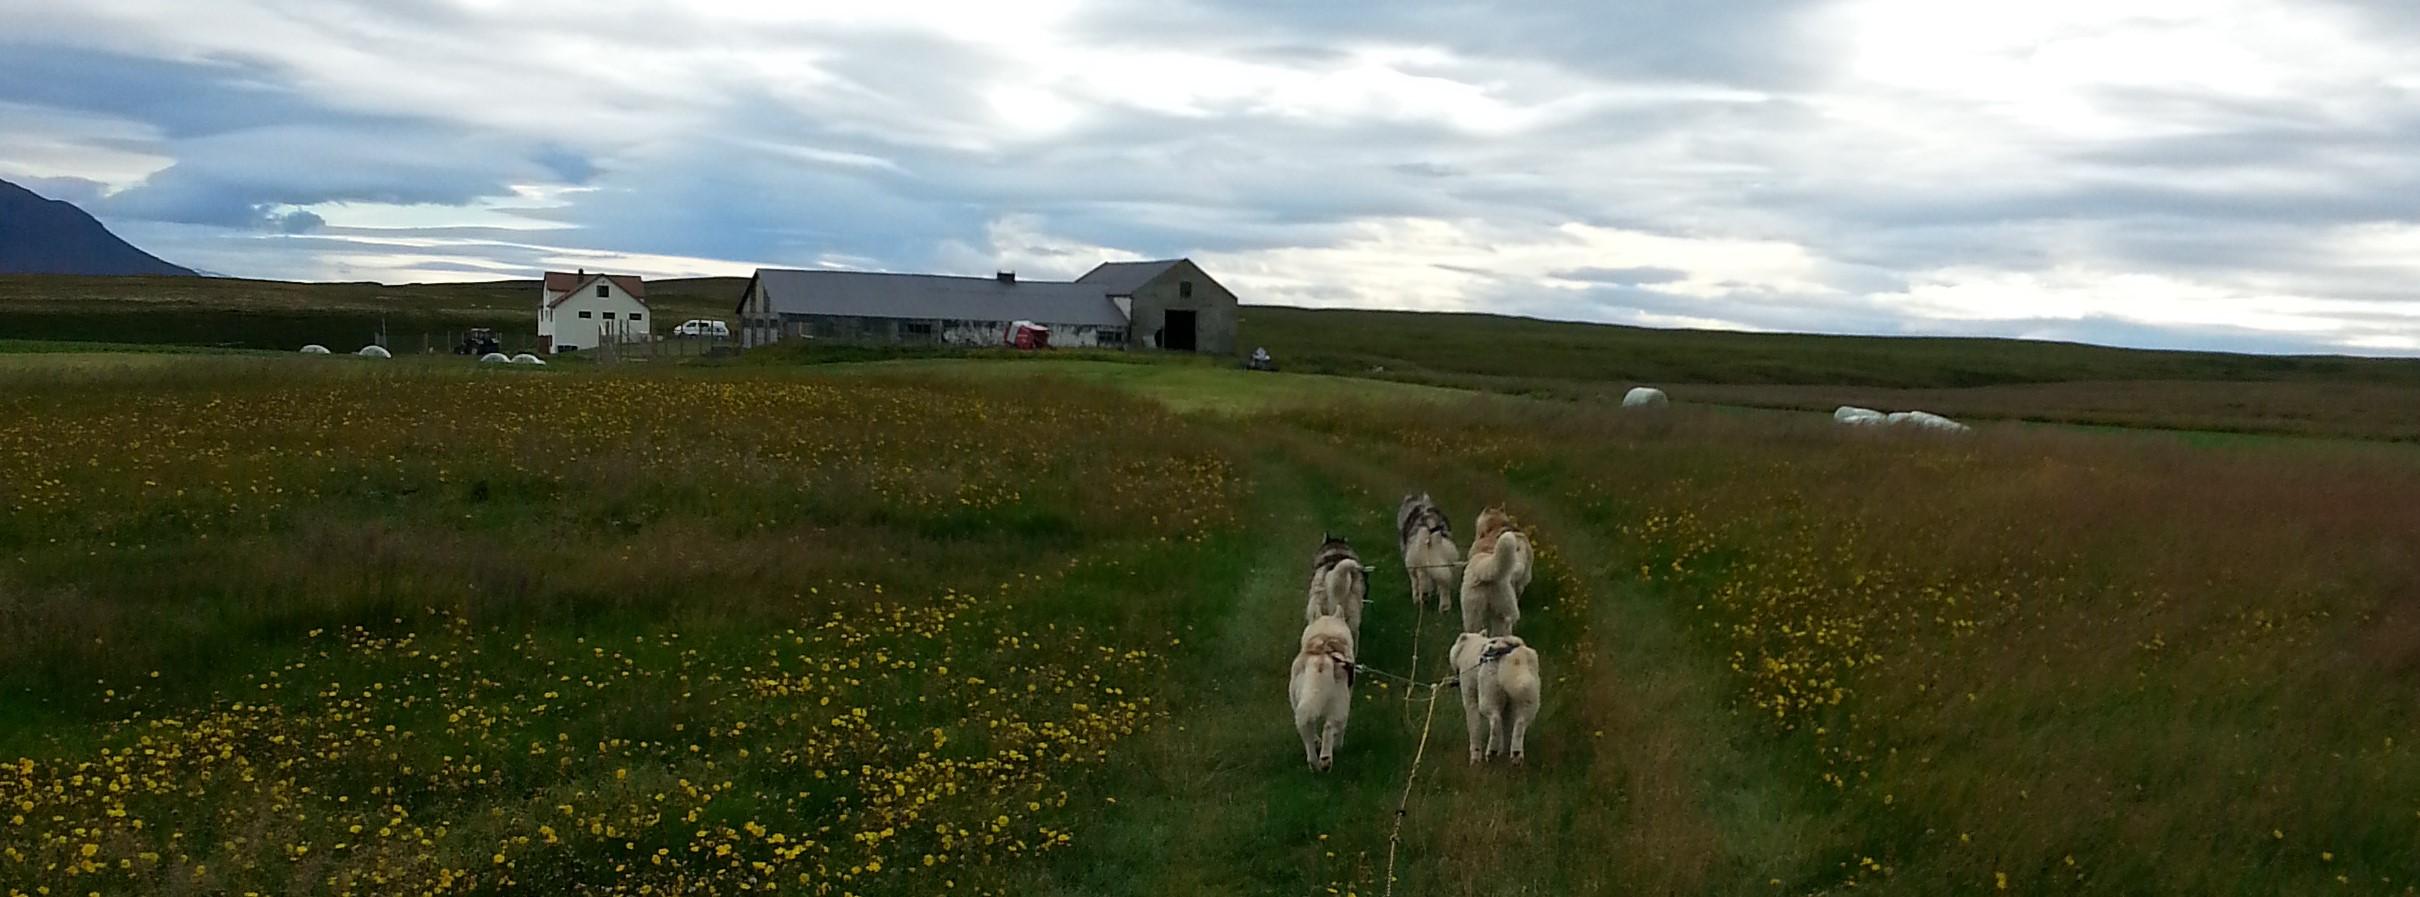 Flyg över åkermarken nära sjön Mývatn på en tur med hundvagn.